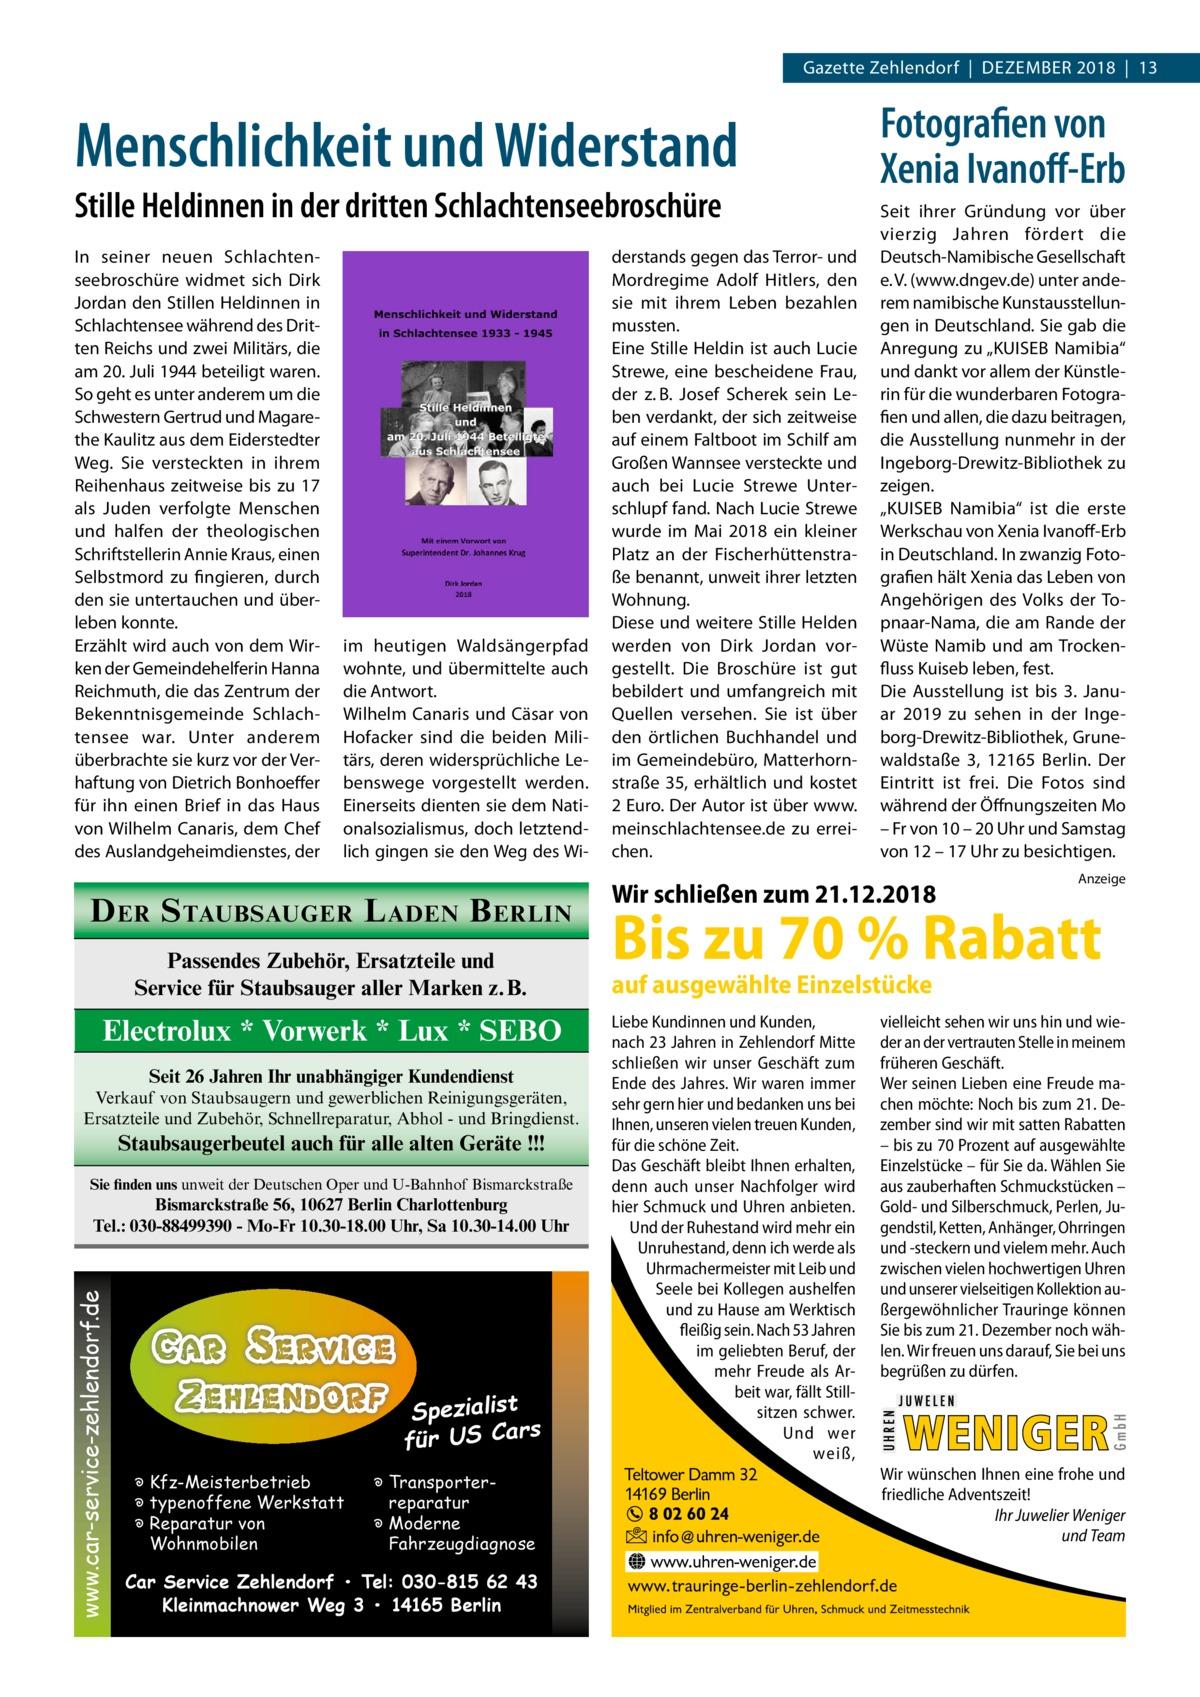 Gazette Zehlendorf|Dezember 2018|13  Menschlichkeit und Widerstand Stille Heldinnen in der dritten Schlachtenseebroschüre In seiner neuen Schlachtenseebroschüre widmet sich Dirk Jordan den Stillen Heldinnen in Schlachtensee während des Dritten Reichs und zwei Militärs, die am 20.Juli 1944 beteiligt waren. So geht es unter anderem um die Schwestern Gertrud und Magarethe Kaulitz aus dem Eiderstedter Weg. Sie versteckten in ihrem Reihenhaus zeitweise bis zu 17 als Juden verfolgte Menschen und halfen der theologischen Schriftstellerin Annie Kraus, einen Selbstmord zu fingieren, durch den sie untertauchen und überleben konnte. Erzählt wird auch von dem Wirken der Gemeindehelferin Hanna Reichmuth, die das Zentrum der Bekenntnisgemeinde Schlachtensee war. Unter anderem überbrachte sie kurz vor der Verhaftung von Dietrich Bonhoeffer für ihn einen Brief in das Haus von Wilhelm Canaris, dem Chef des Auslandgeheimdienstes, der  im heutigen Waldsängerpfad wohnte, und übermittelte auch die Antwort. Wilhelm Canaris und Cäsar von Hofacker sind die beiden Militärs, deren widersprüchliche Lebenswege vorgestellt werden. Einerseits dienten sie dem Nationalsozialismus, doch letztendlich gingen sie den Weg des Wi D ER S TAUBSAUGER L ADEN B ERLIN Passendes Zubehör, Ersatzteile und Service für Staubsauger aller Marken z.B.  Electrolux * Vorwerk * Lux * SEBO Seit 26 Jahren Ihr unabhängiger Kundendienst Verkauf von Staubsaugern und gewerblichen Reinigungsgeräten, Ersatzteile und Zubehör, Schnellreparatur, Abhol - und Bringdienst.  Staubsaugerbeutel auch für alle alten Geräte !!! Sie finden uns unweit der Deutschen Oper und U-Bahnhof Bismarckstraße  www.car-service-zehlendorf.de  Bismarckstraße 56, 10627 Berlin Charlottenburg Tel.: 030-88499390 - Mo-Fr 10.30-18.00 Uhr, Sa 10.30-14.00 Uhr  Spezialist s für US Car � Kfz-Meisterbetrieb � typenoffene Werkstatt � Reparatur von Wohnmobilen  � Transporterreparatur � Moderne Fahrzeugdiagnose  Car Service Zehlendorf • Tel: 030-815 62 43 Kleinmachnowe